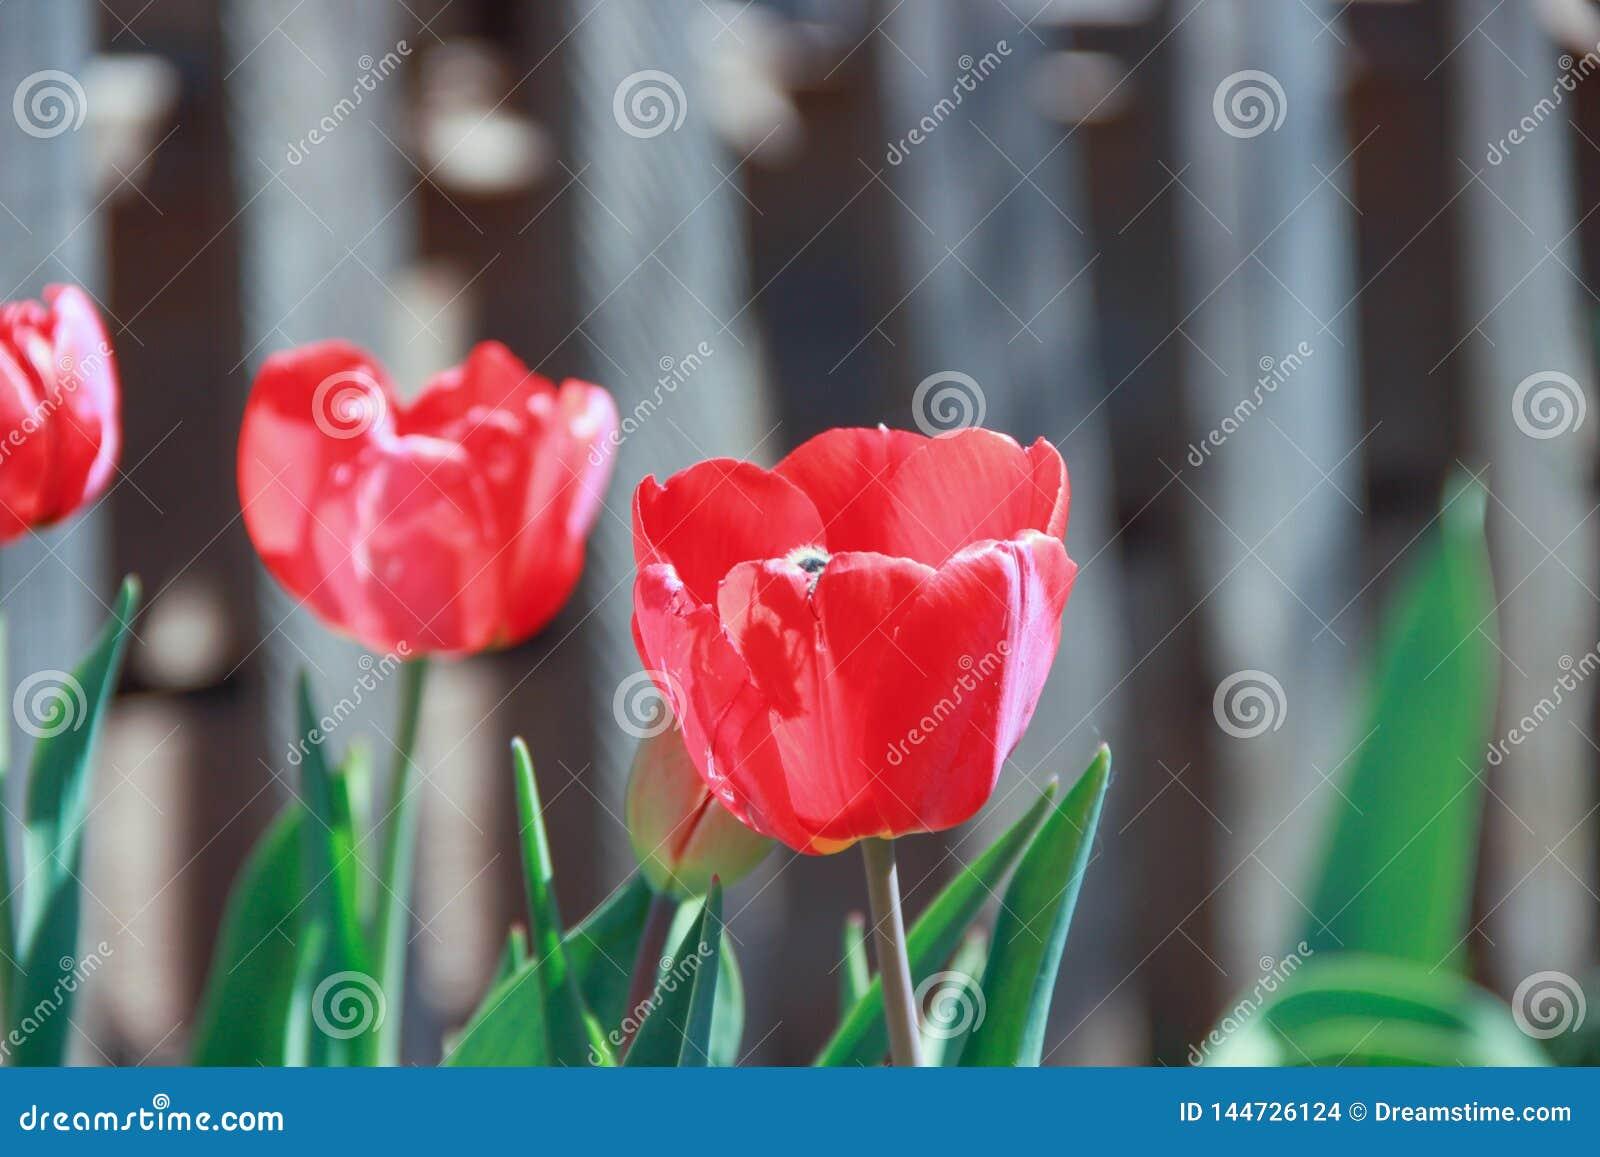 Tulipes rouges sur le fond de la barrière